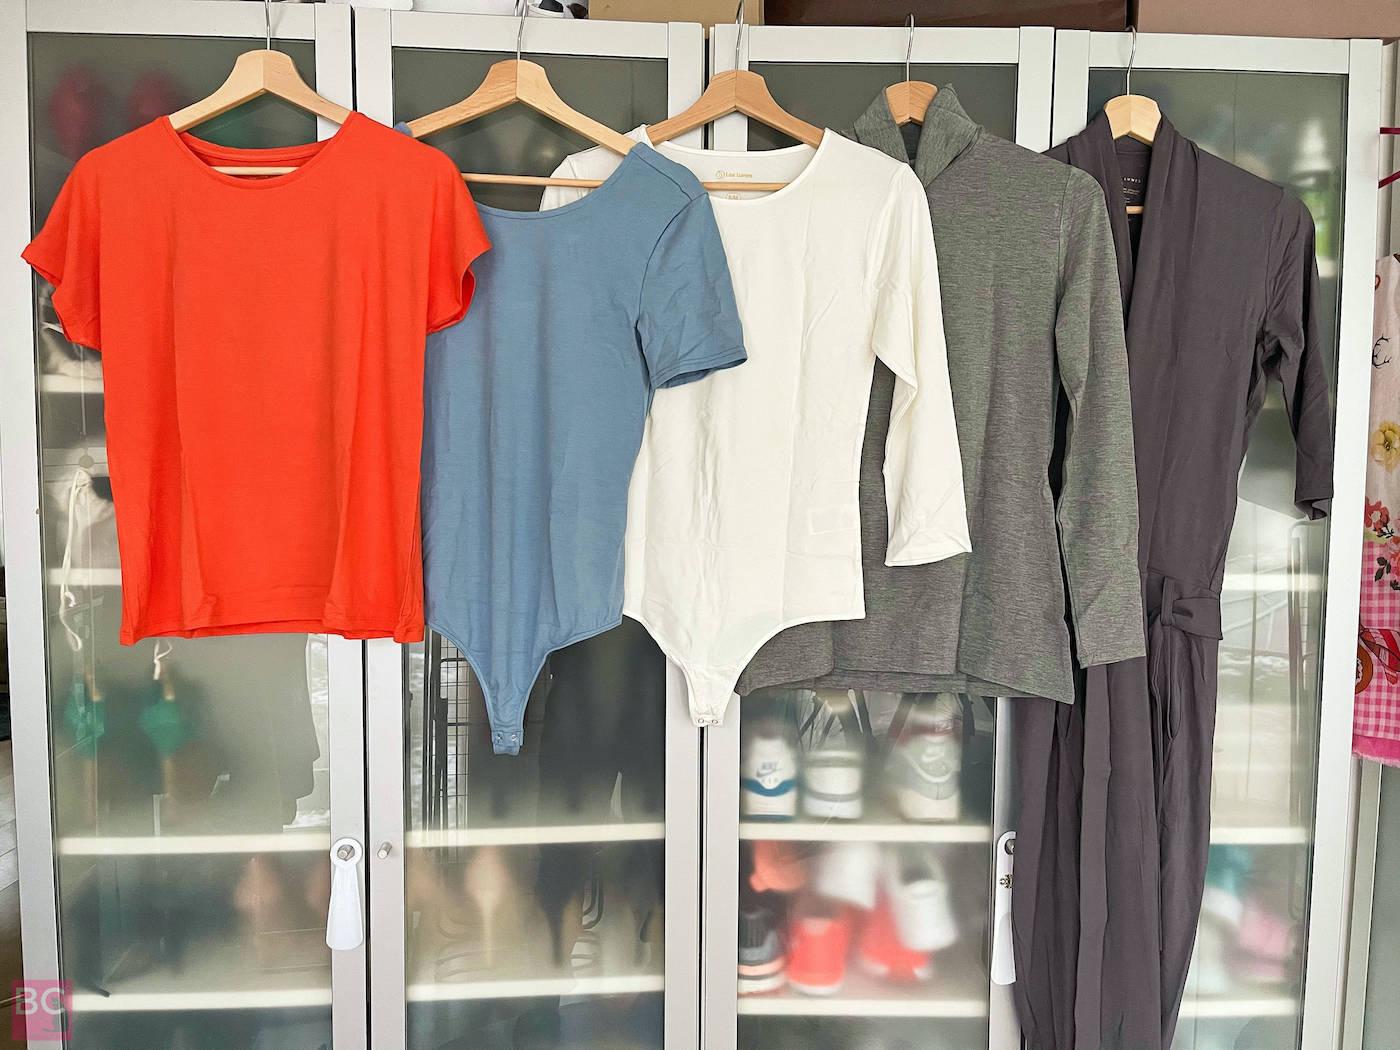 LES LUNES ERFAHRUNGEN GREENWASHING Mia Shirt, Emma Bodysuit, Alena Bodysuit, Steve Turtleneck, Paul Jumpsuit